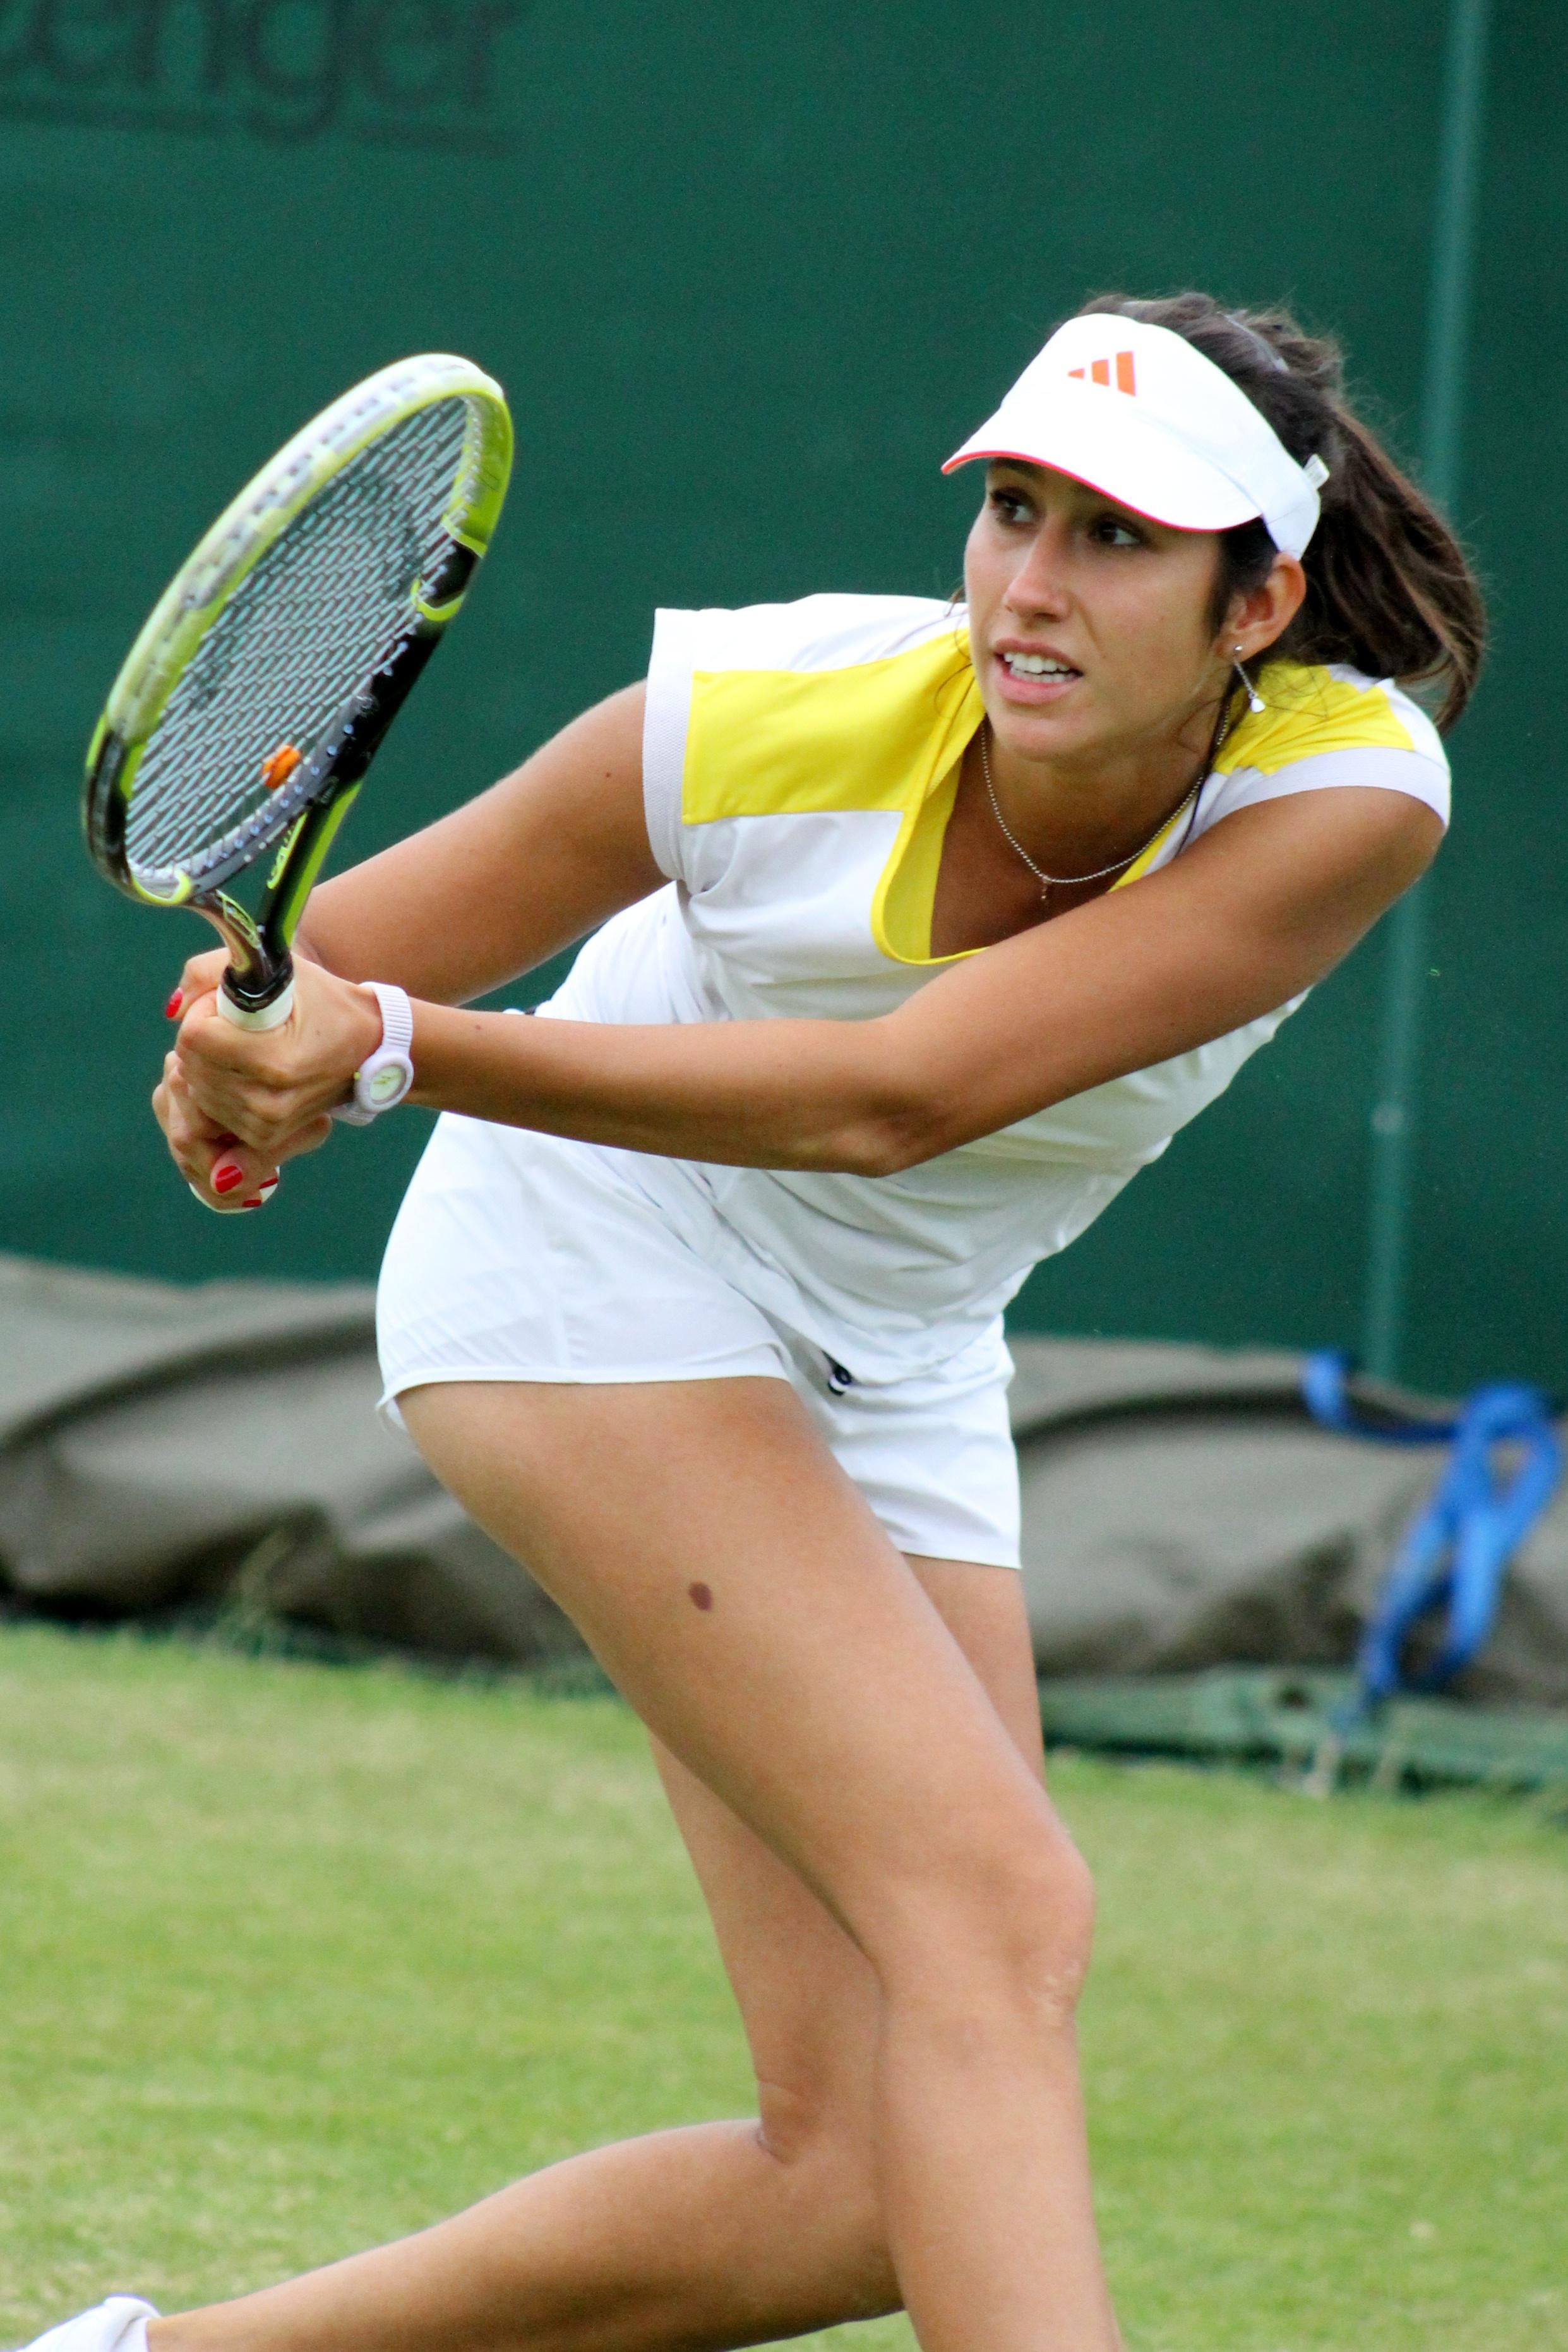 Nastassja Burnett Net Worth 2018: What is this tennis player worth?